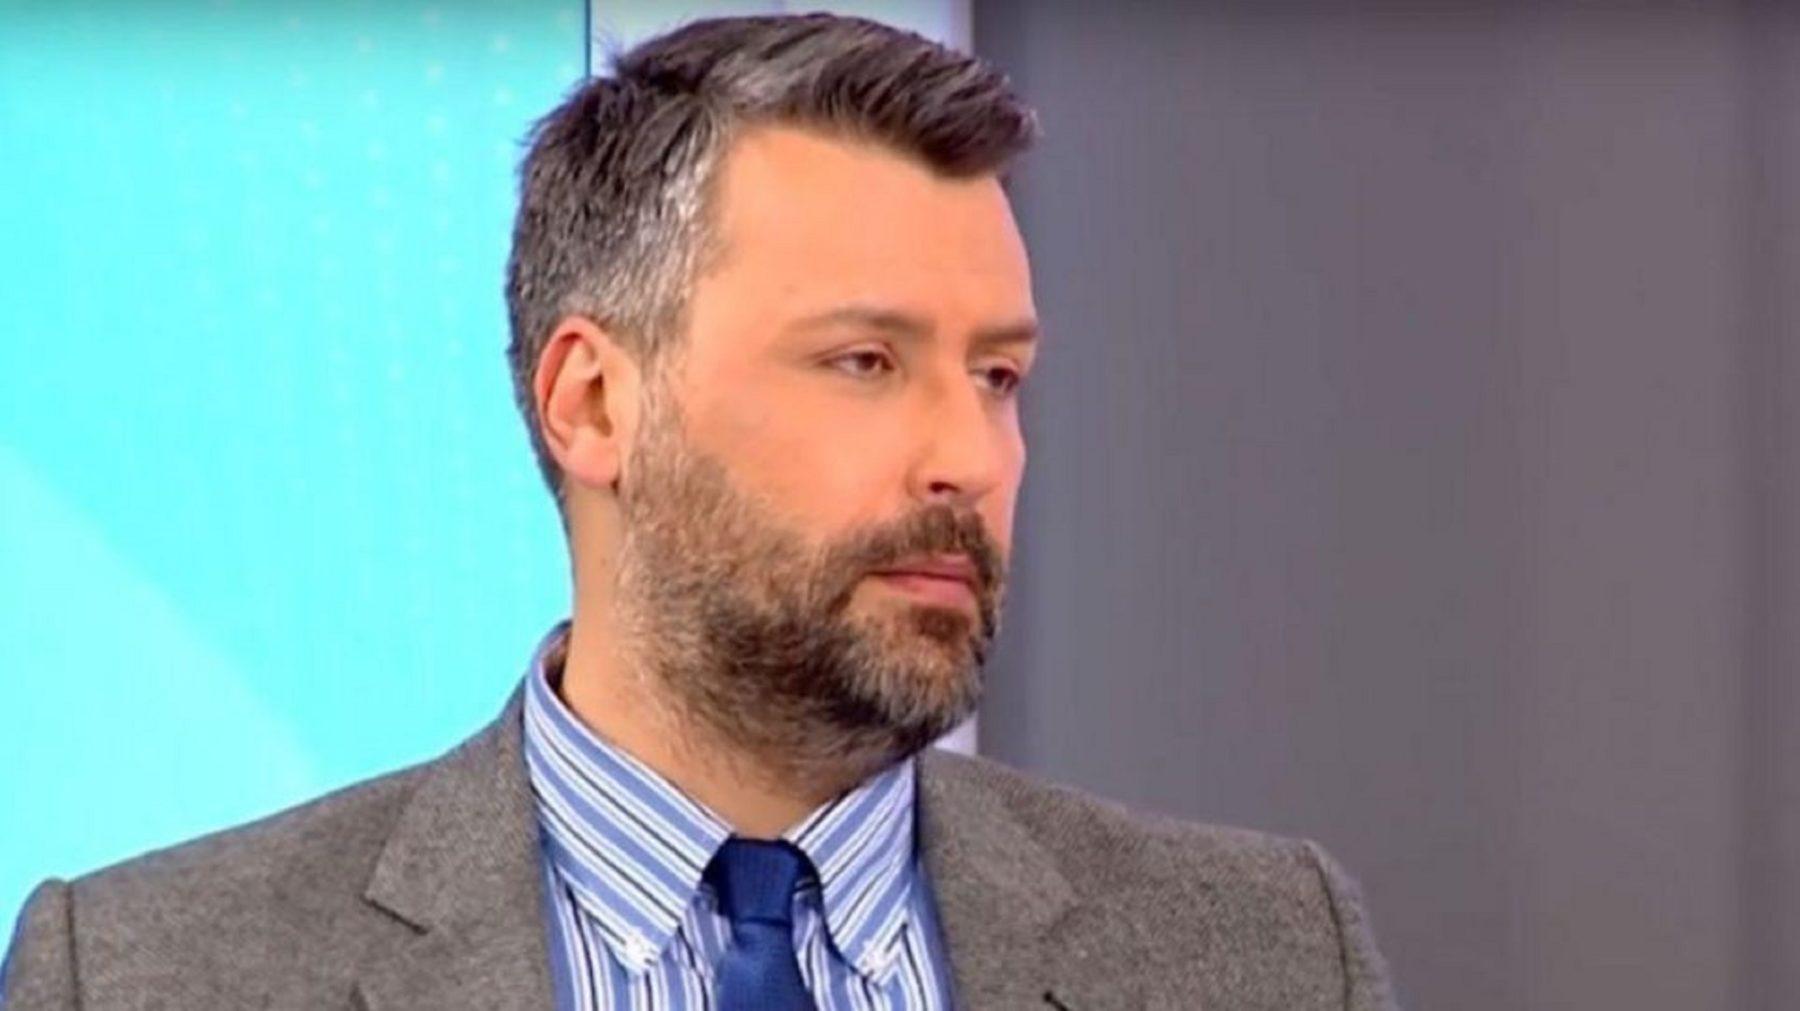 Γιάννης Καλλιάνος: δύσκολες ώρες για τον μετεωρολόγο - Νοσηλεύεται ο αδερφός του με κορονοϊό